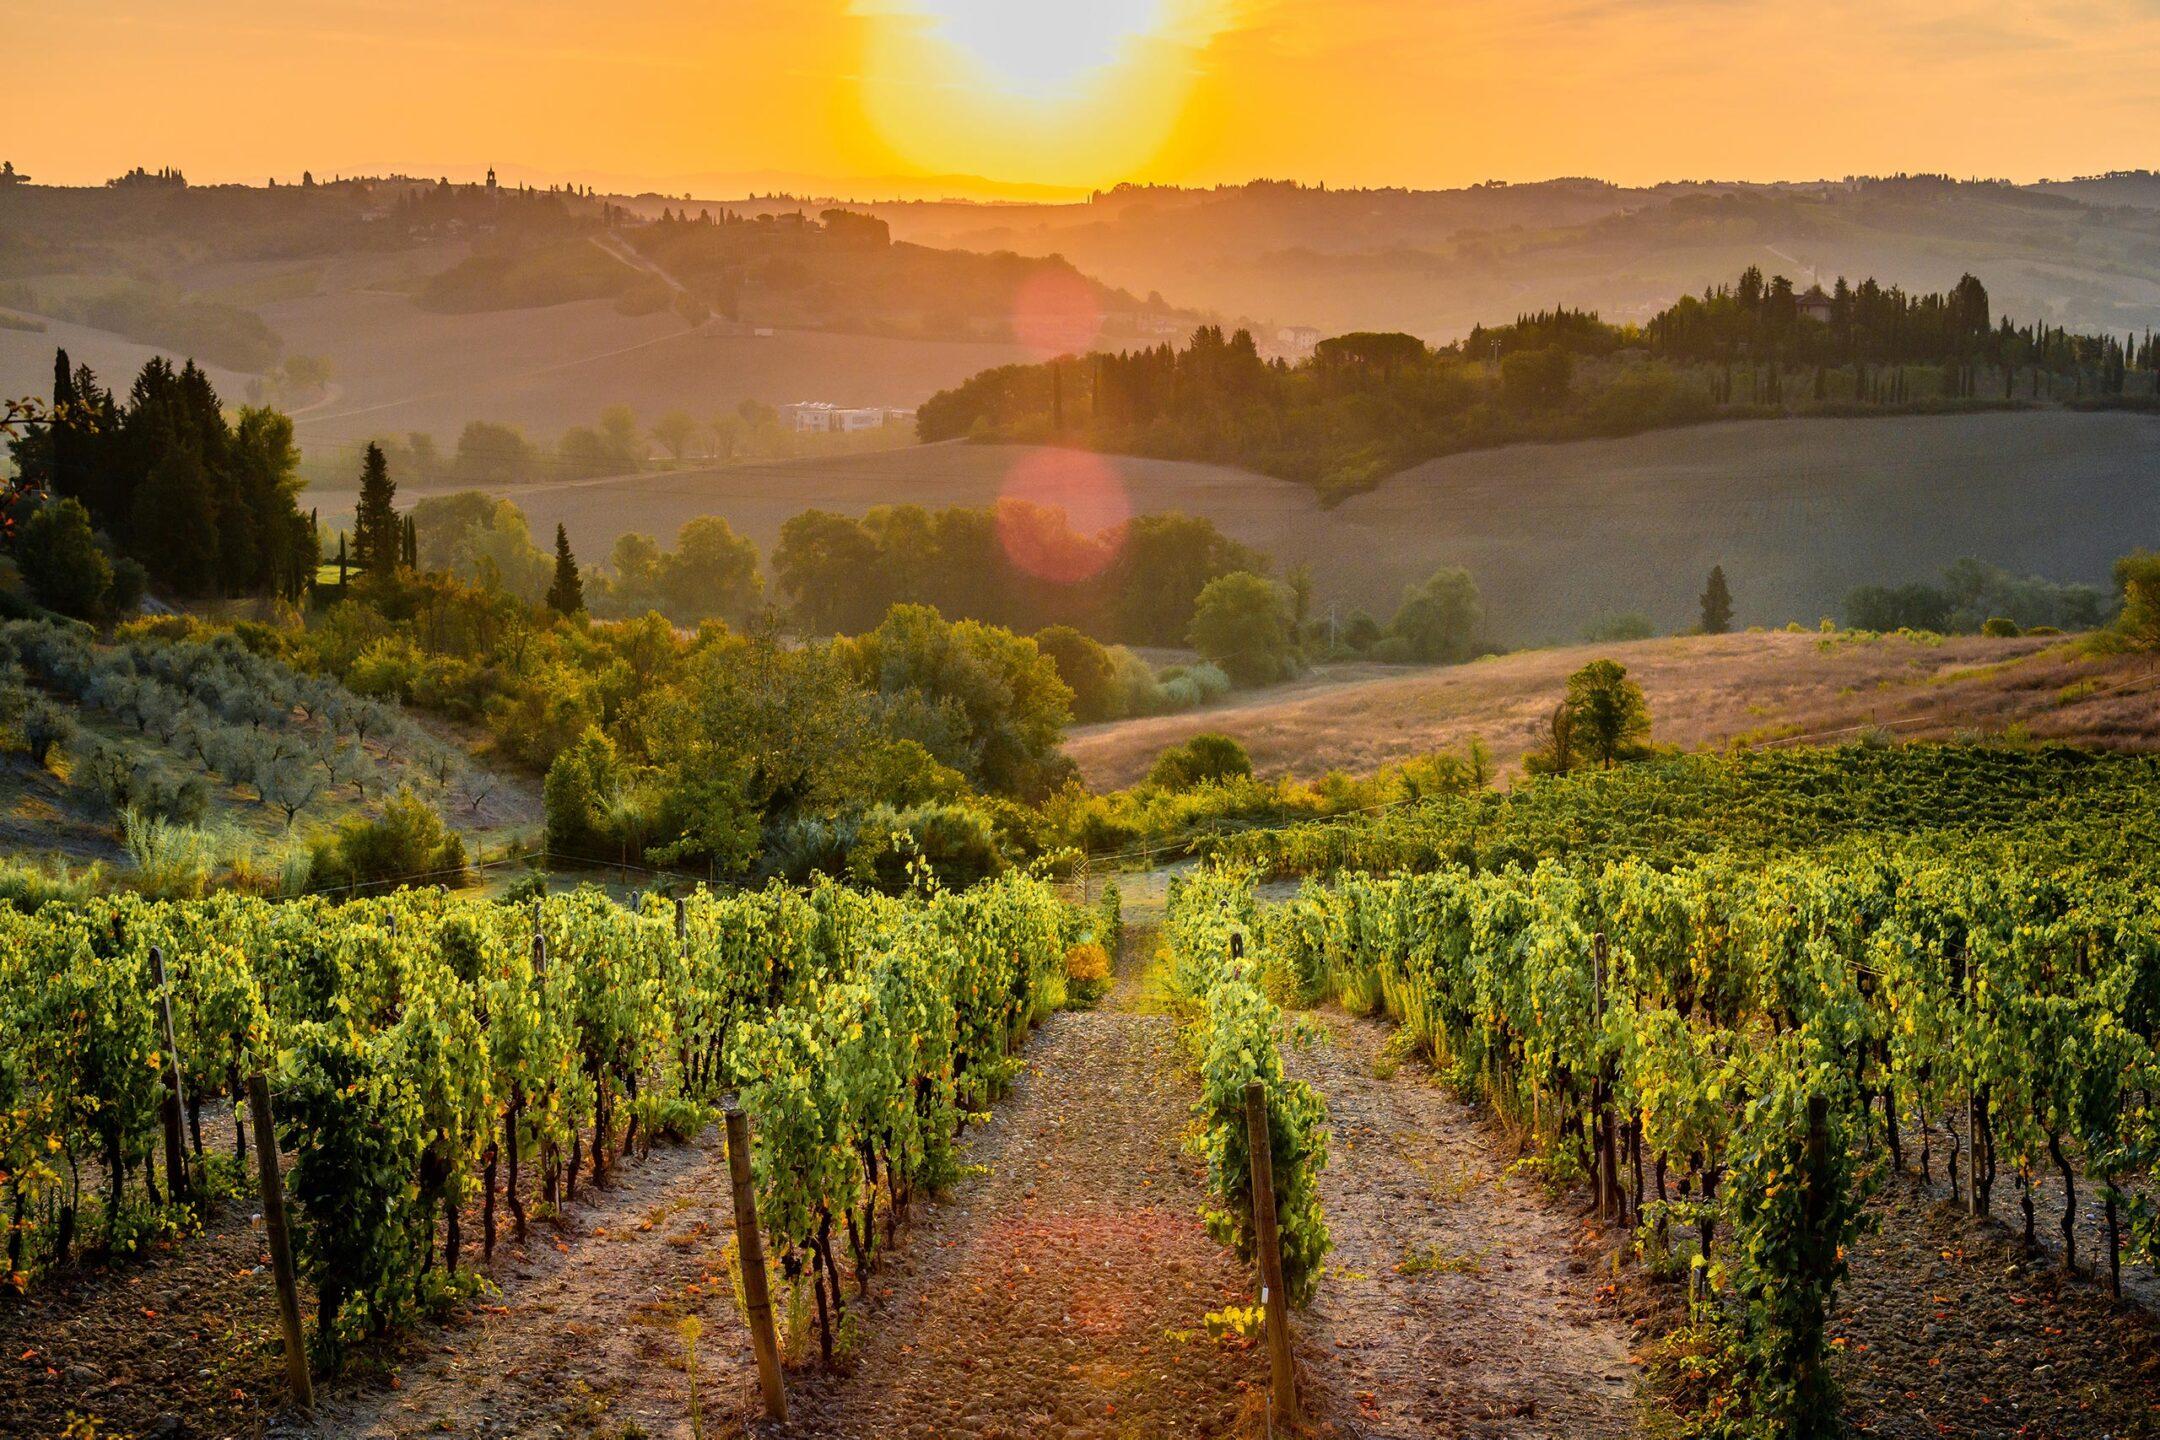 Le viti di Montespertoli e di Scansano danno origine ai nostri vini - Le viti di Montespertoli e di Scansano danno origine ai nostri vini